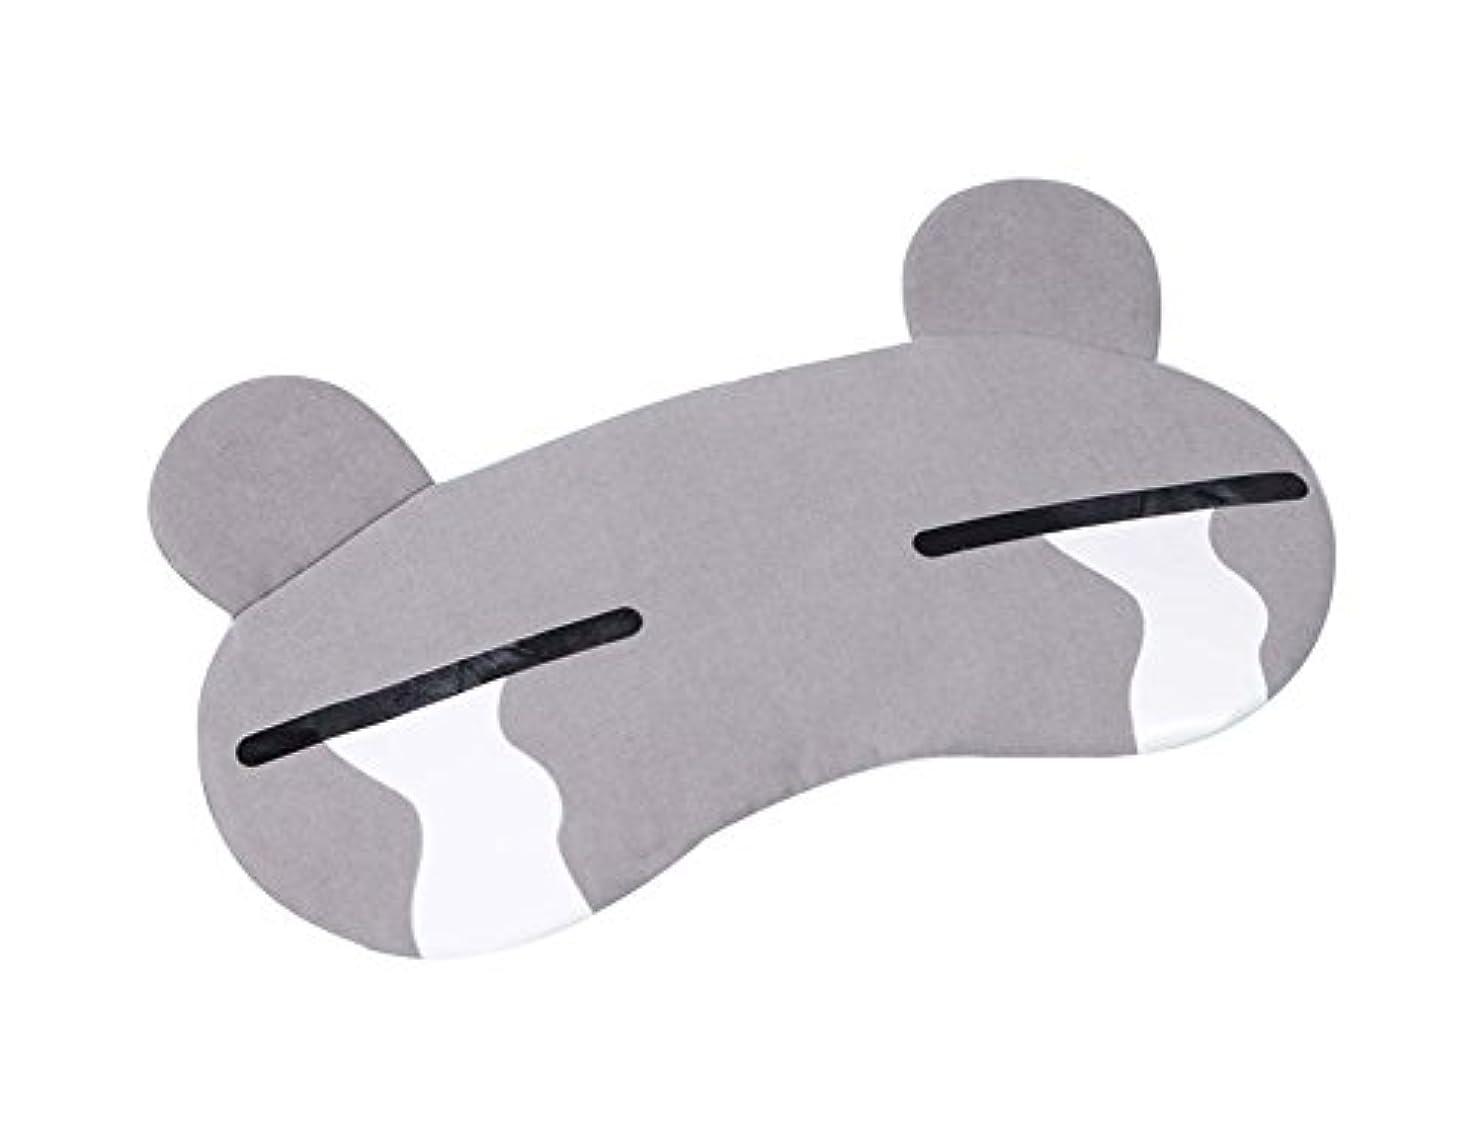 欺安全オセアニアグレー泣く睡眠の目マスク快適な目のカバー通気性のあるアイシェイド